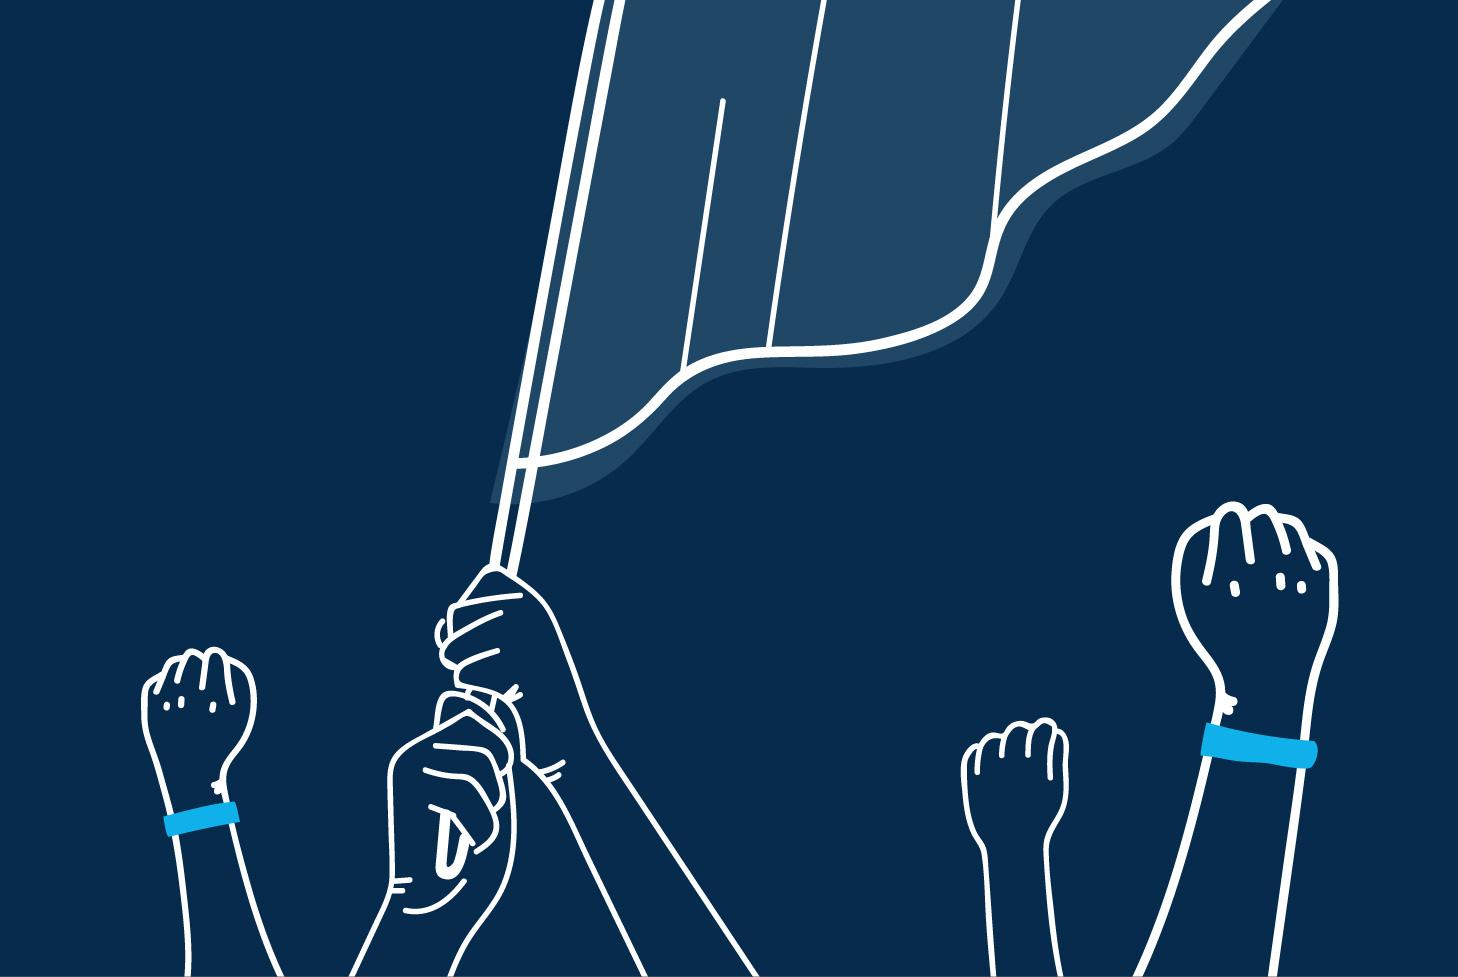 13 общественно-политических акций фанатов «Зенита». От признаний в любви к Петербургу до поездок в Донбасс